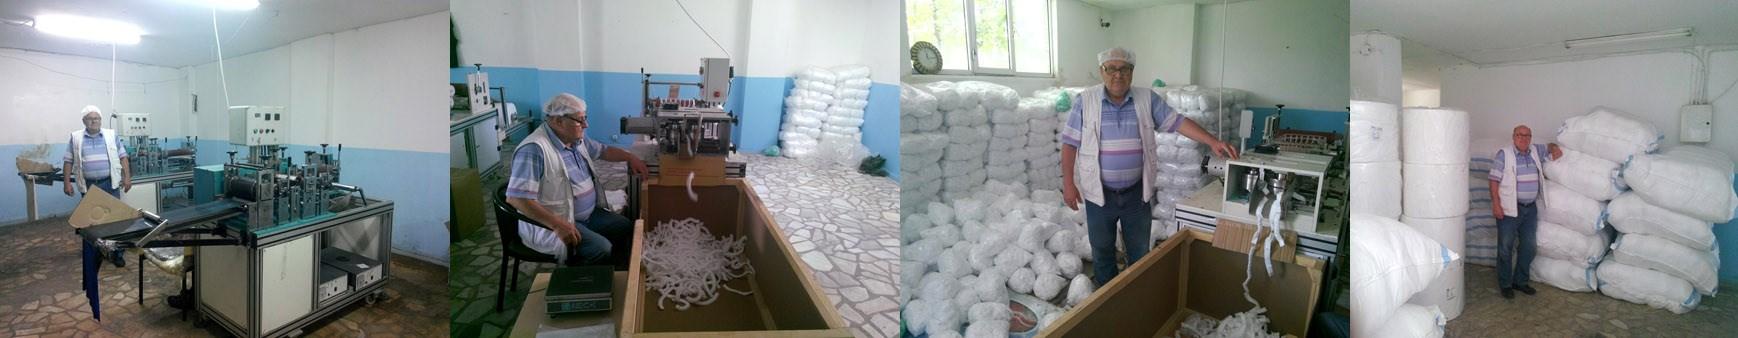 Tek Kullanımlık Sağlık Tekstil Ürünleri